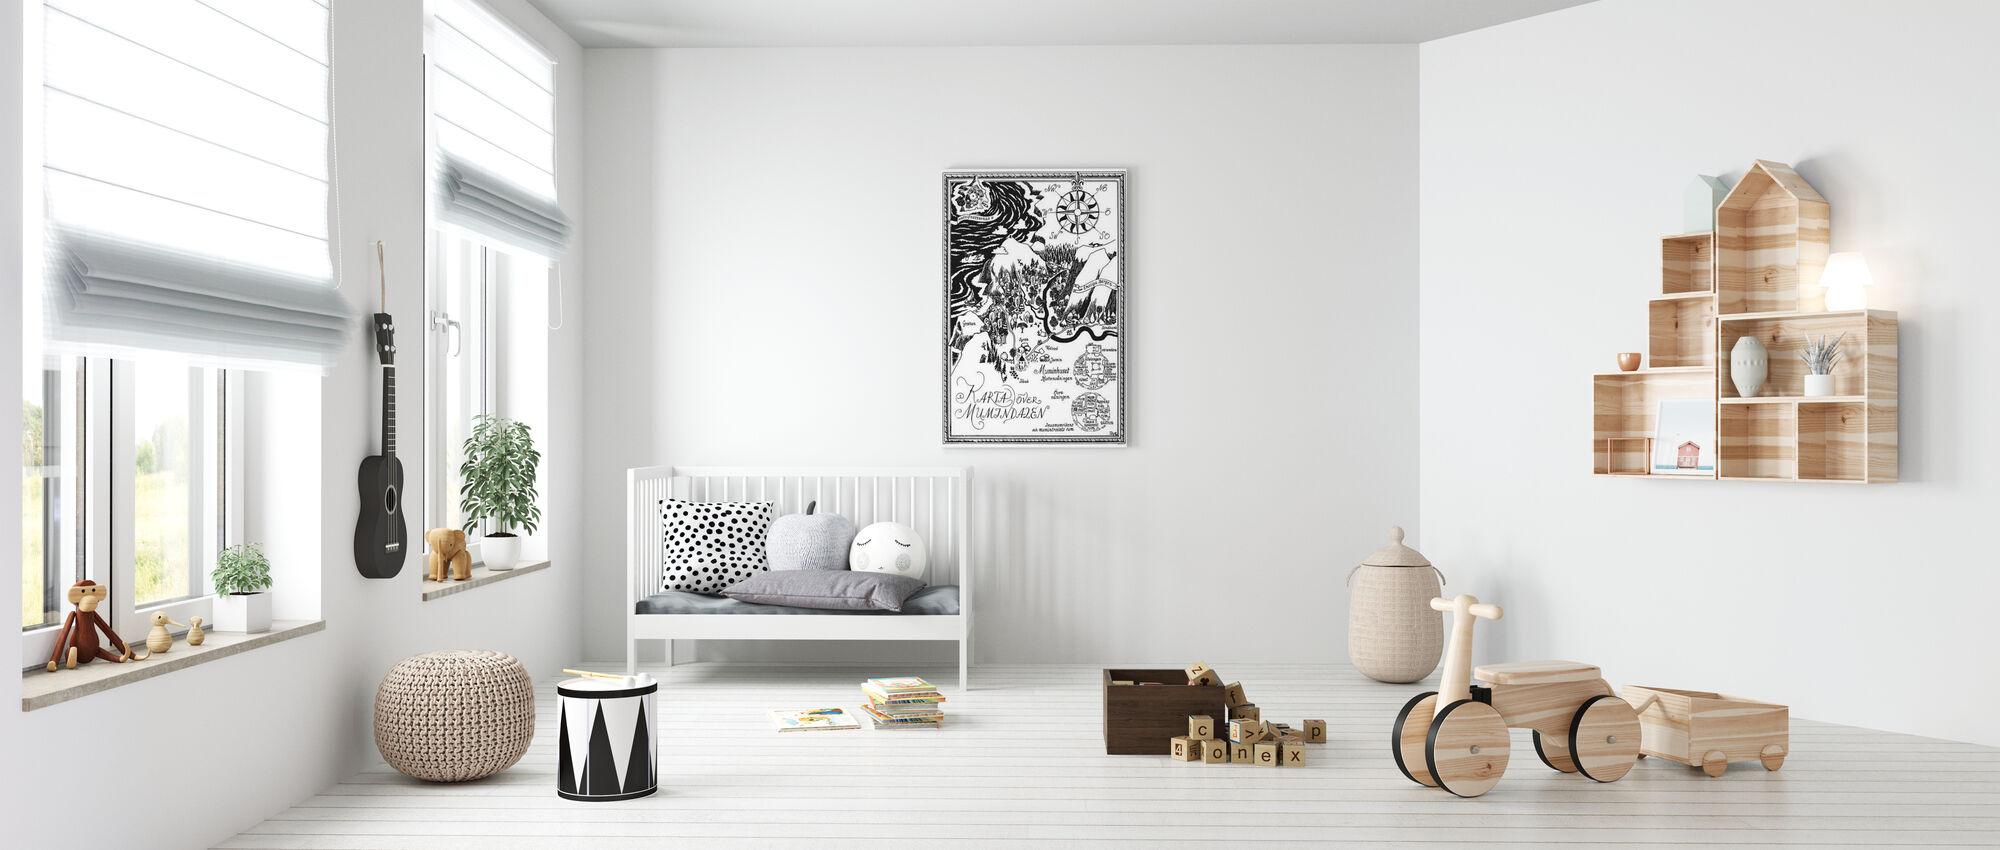 Moomin - Kaart over Moomin vallei - Canvas print - Babykamer